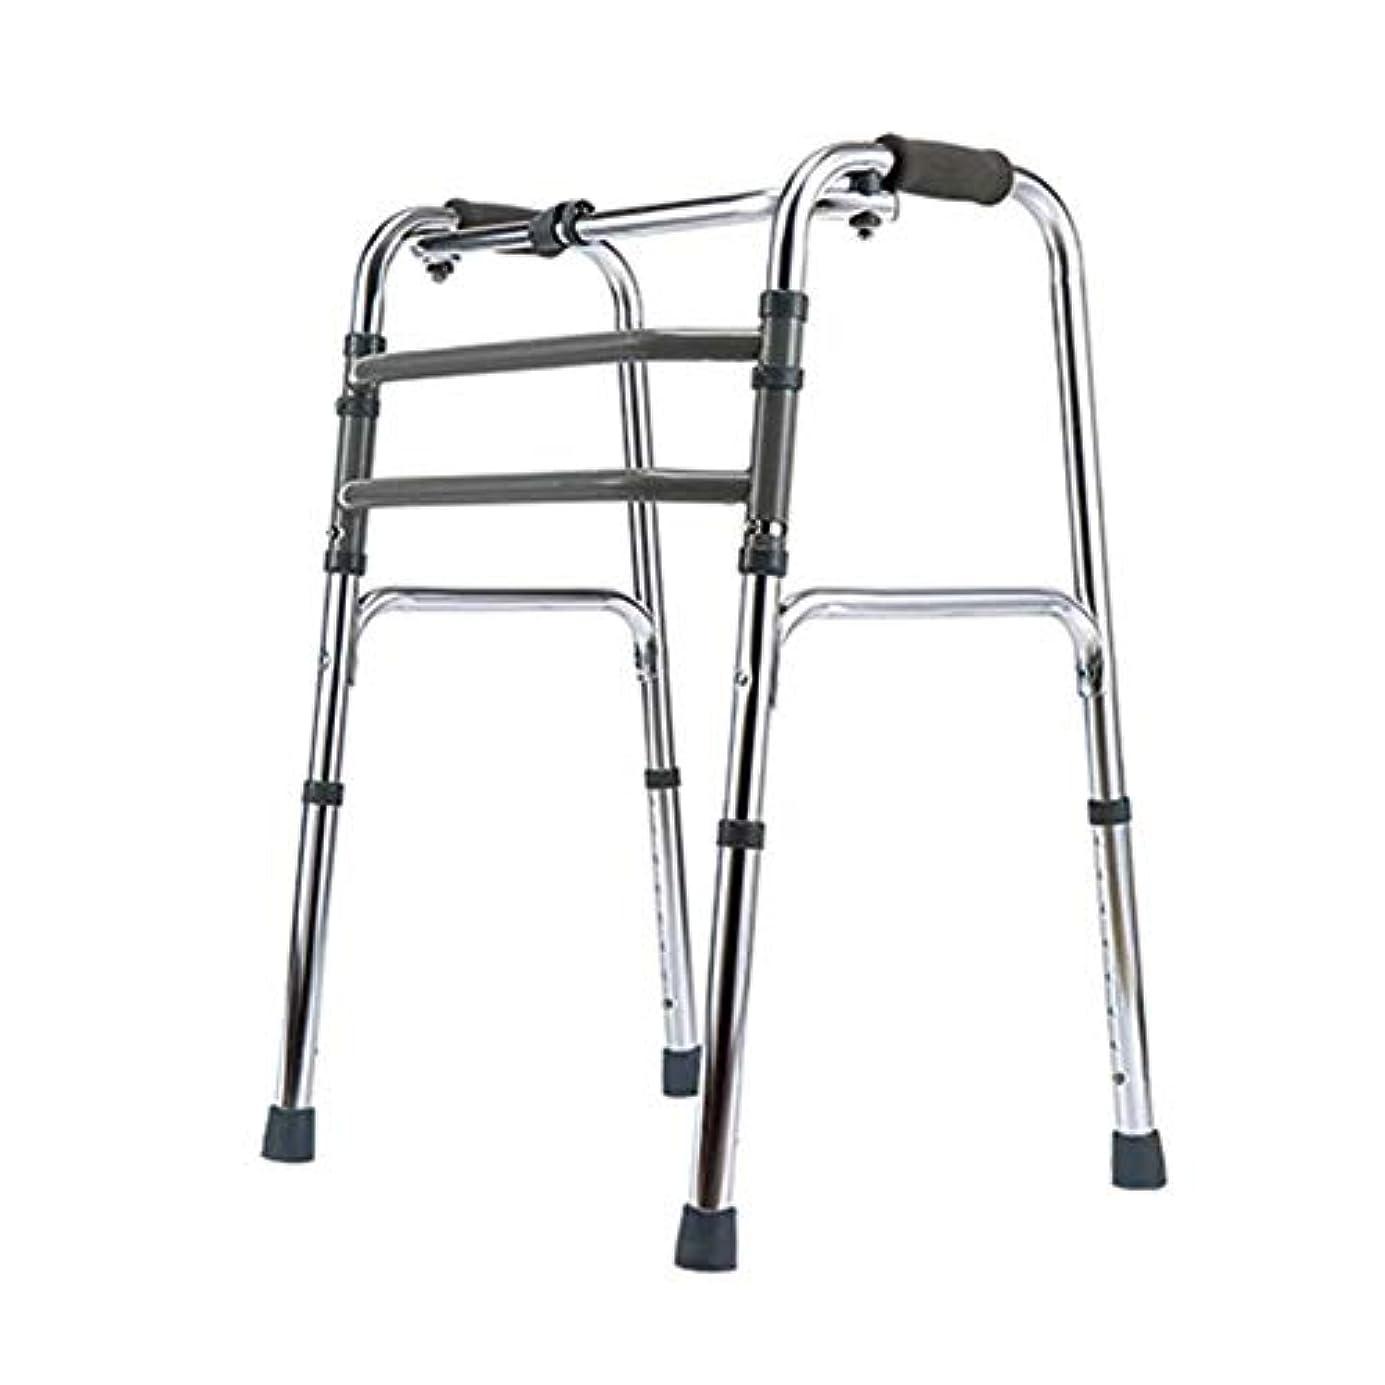 折る歩くフレーム、軽量の高さの調節可能な歩行者のアルミニウム歩くフレーム